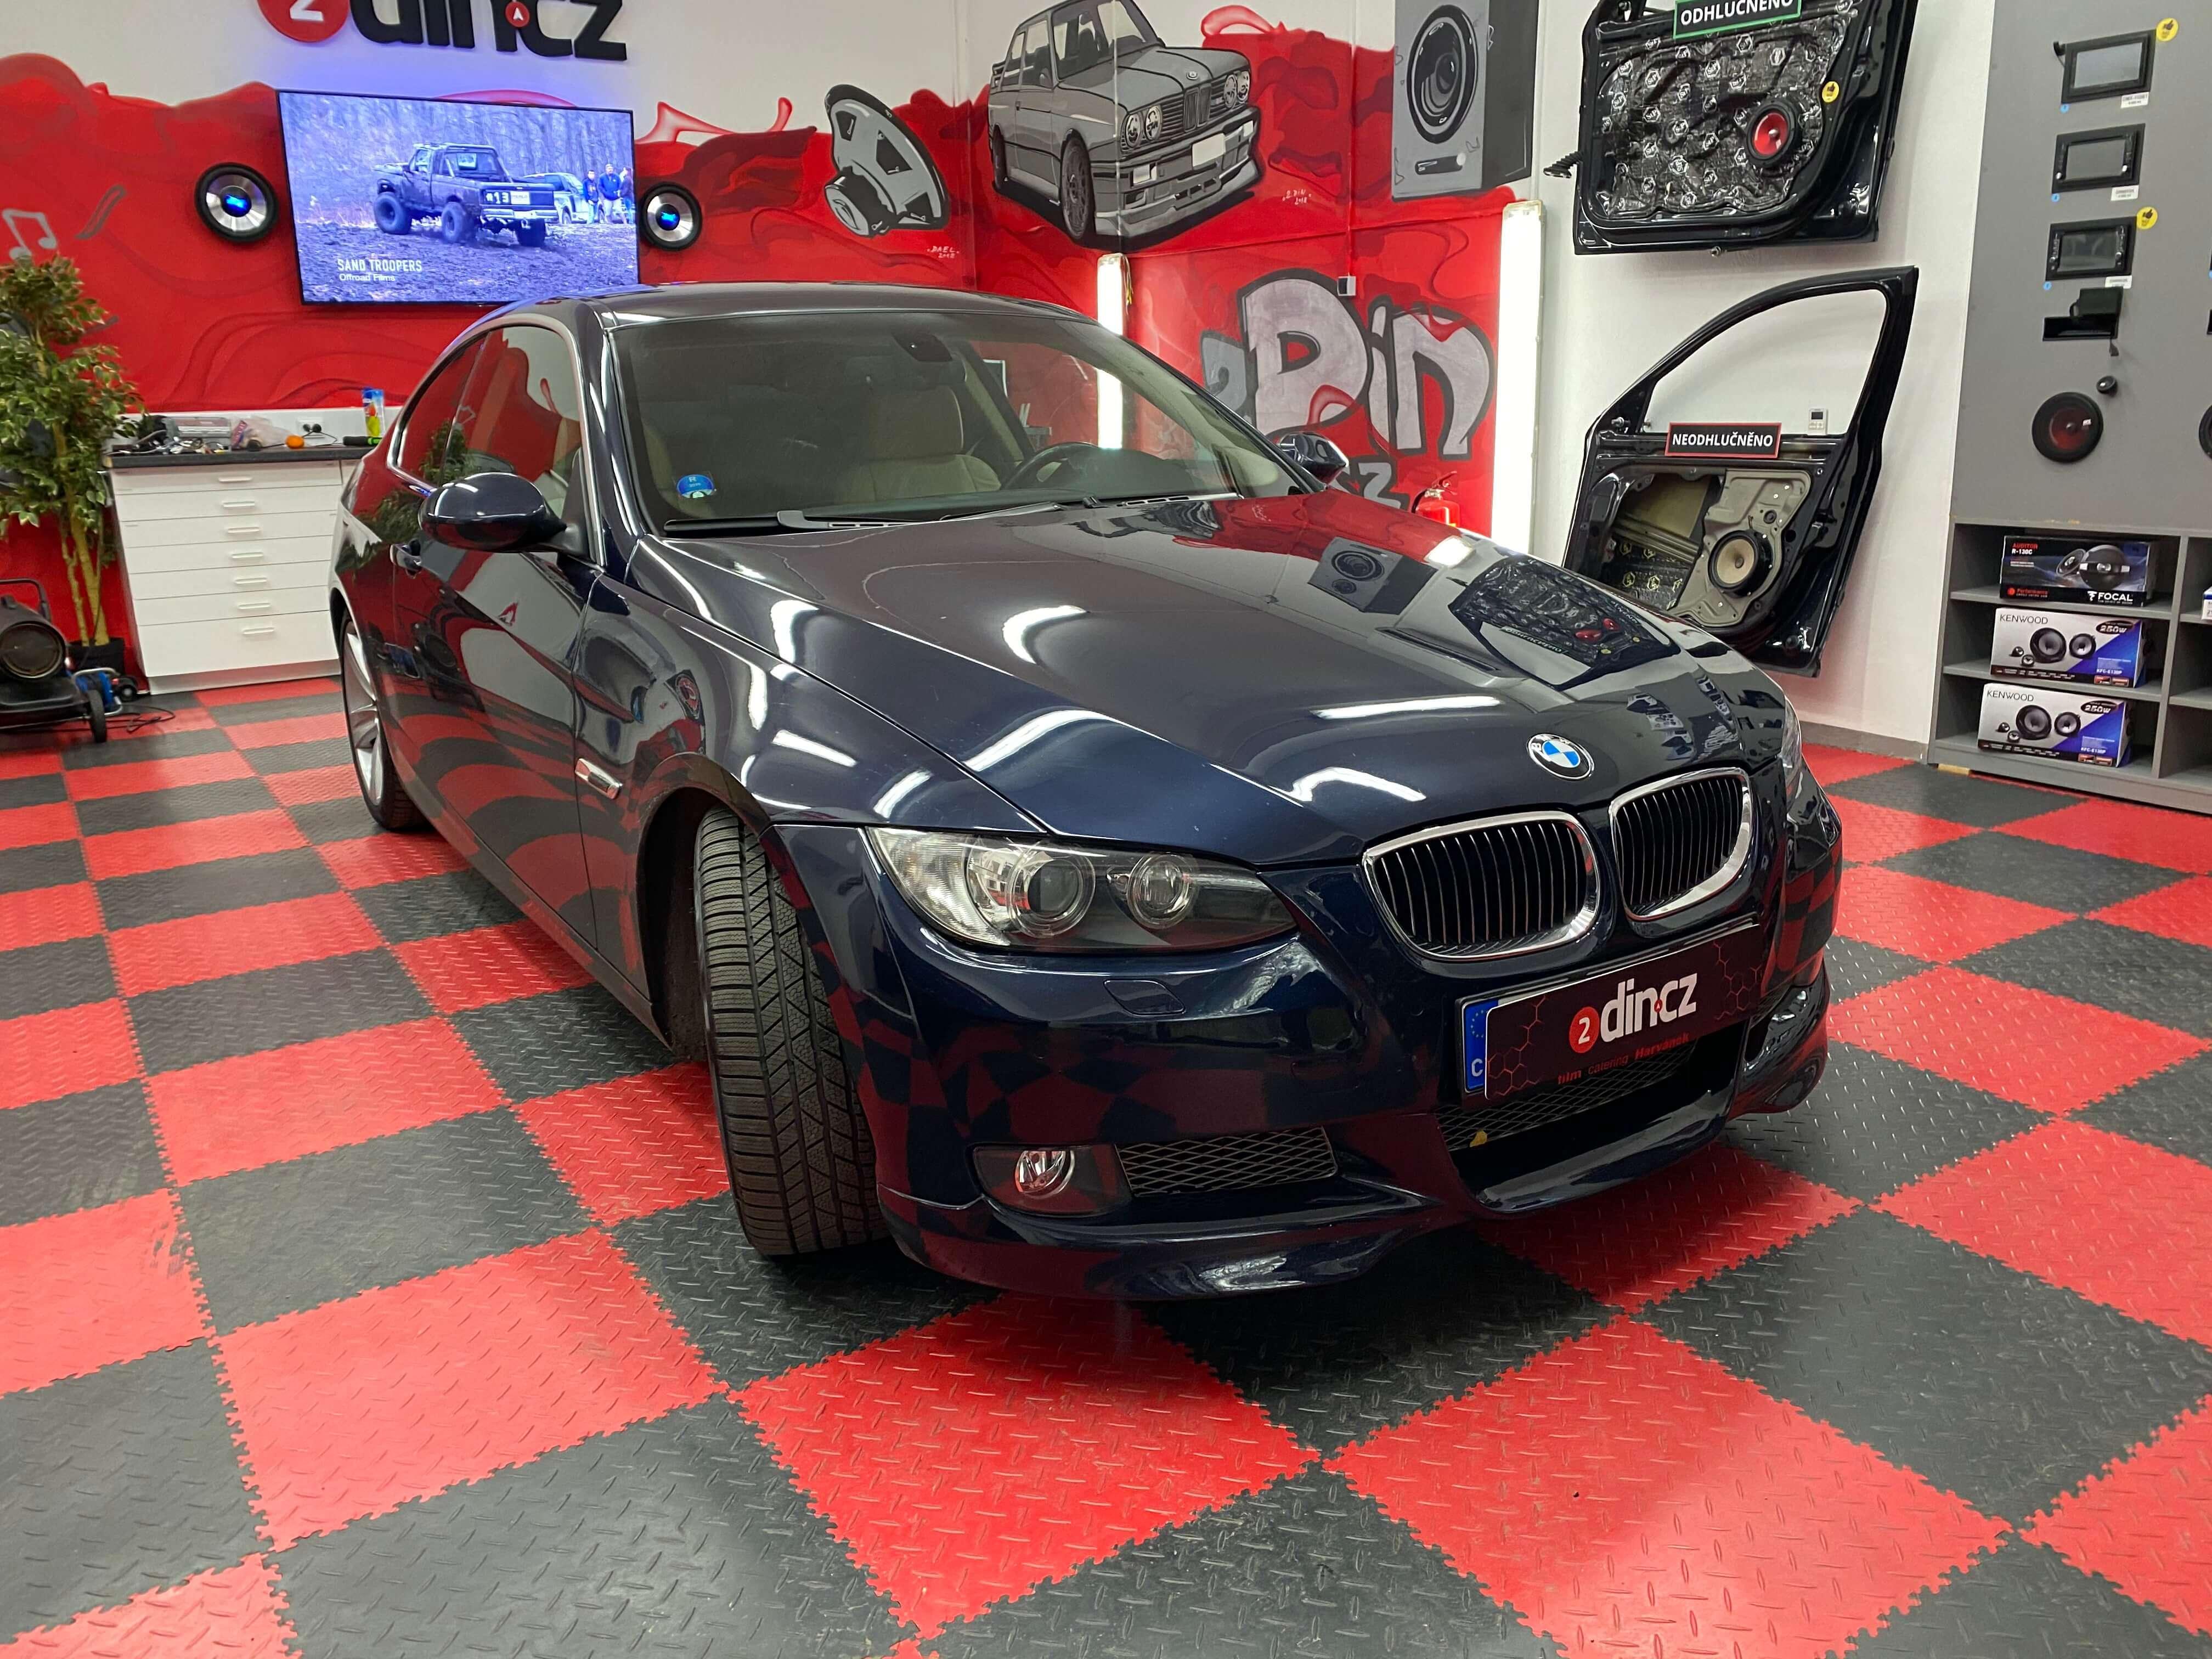 BMW e92 - Montáž speciálního Android autorádia